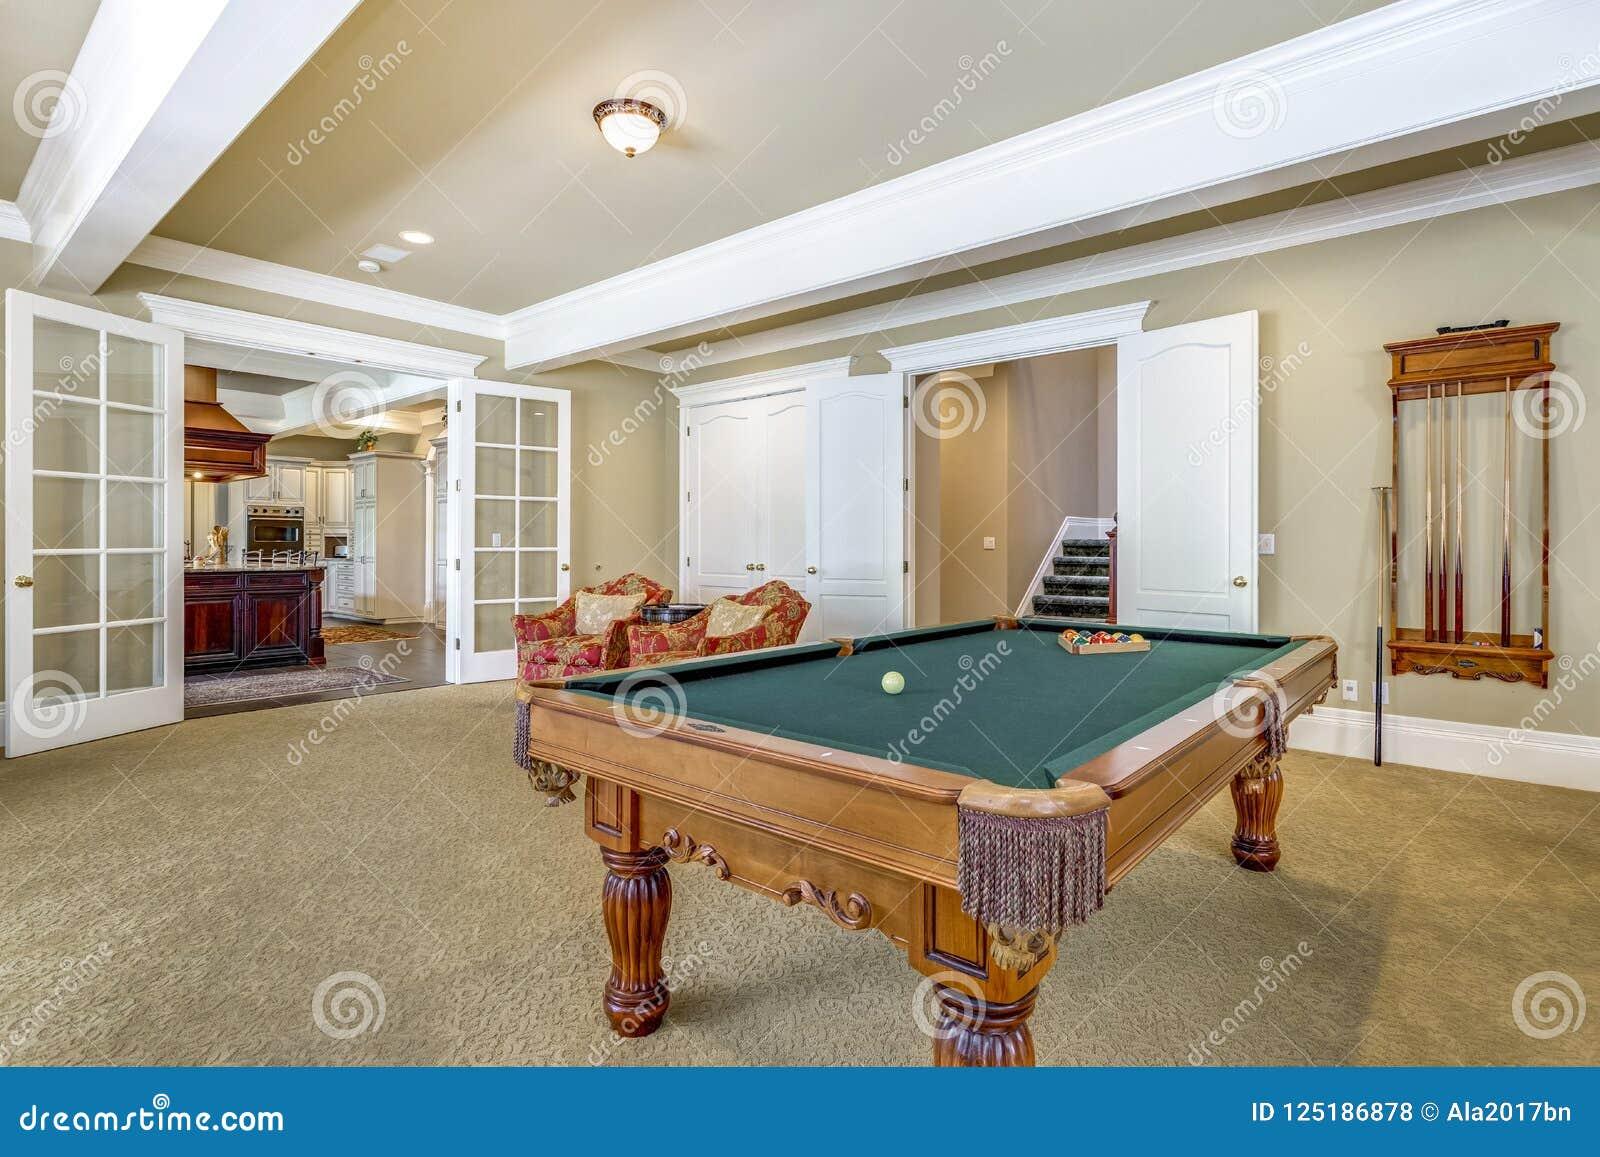 Ανοικτό καφέ δωμάτιο παιχνιδιών με τον πίνακα μπιλιάρδου